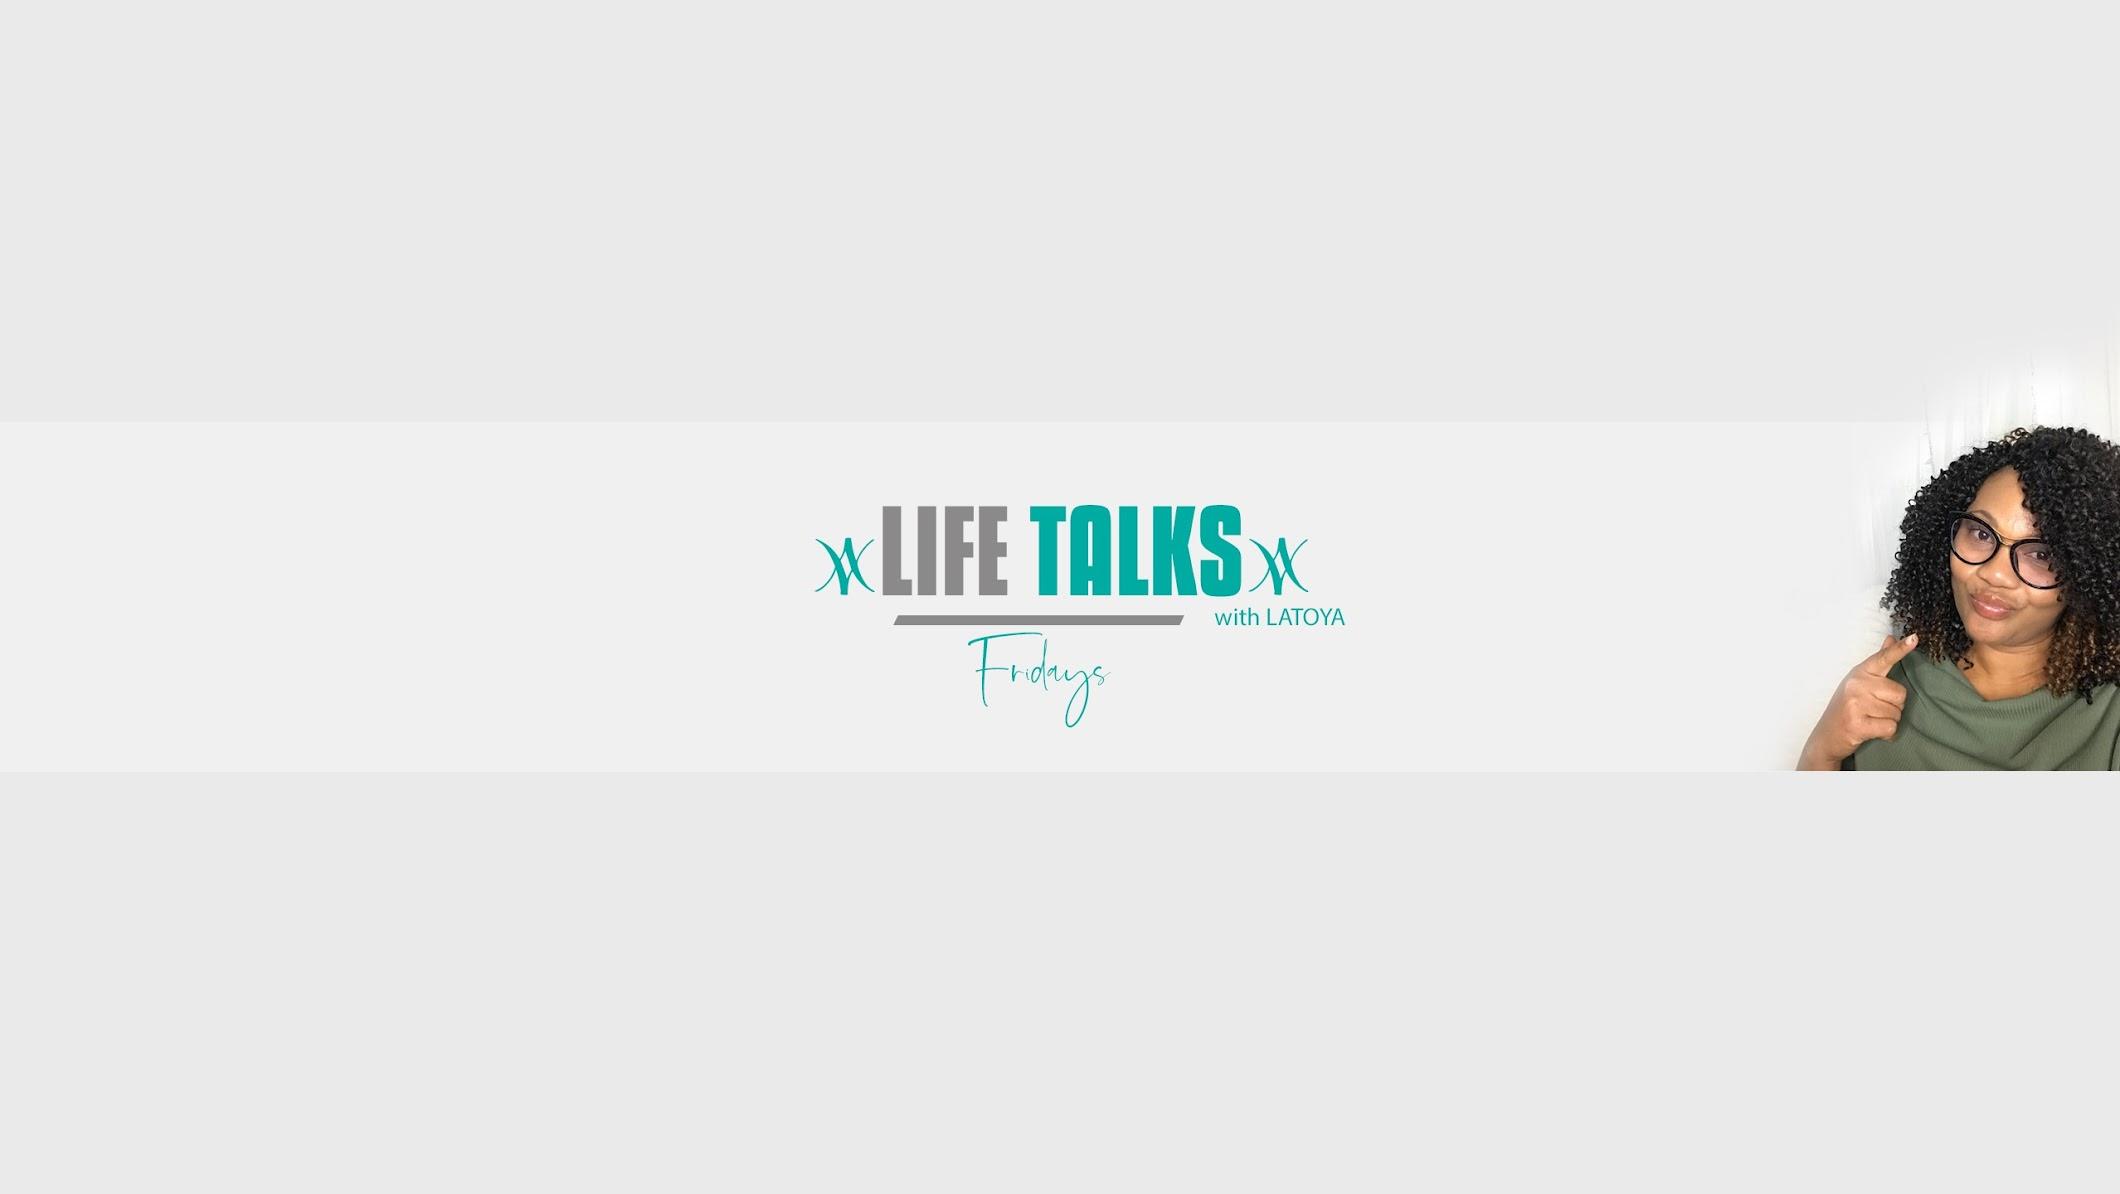 Life Talks Tv